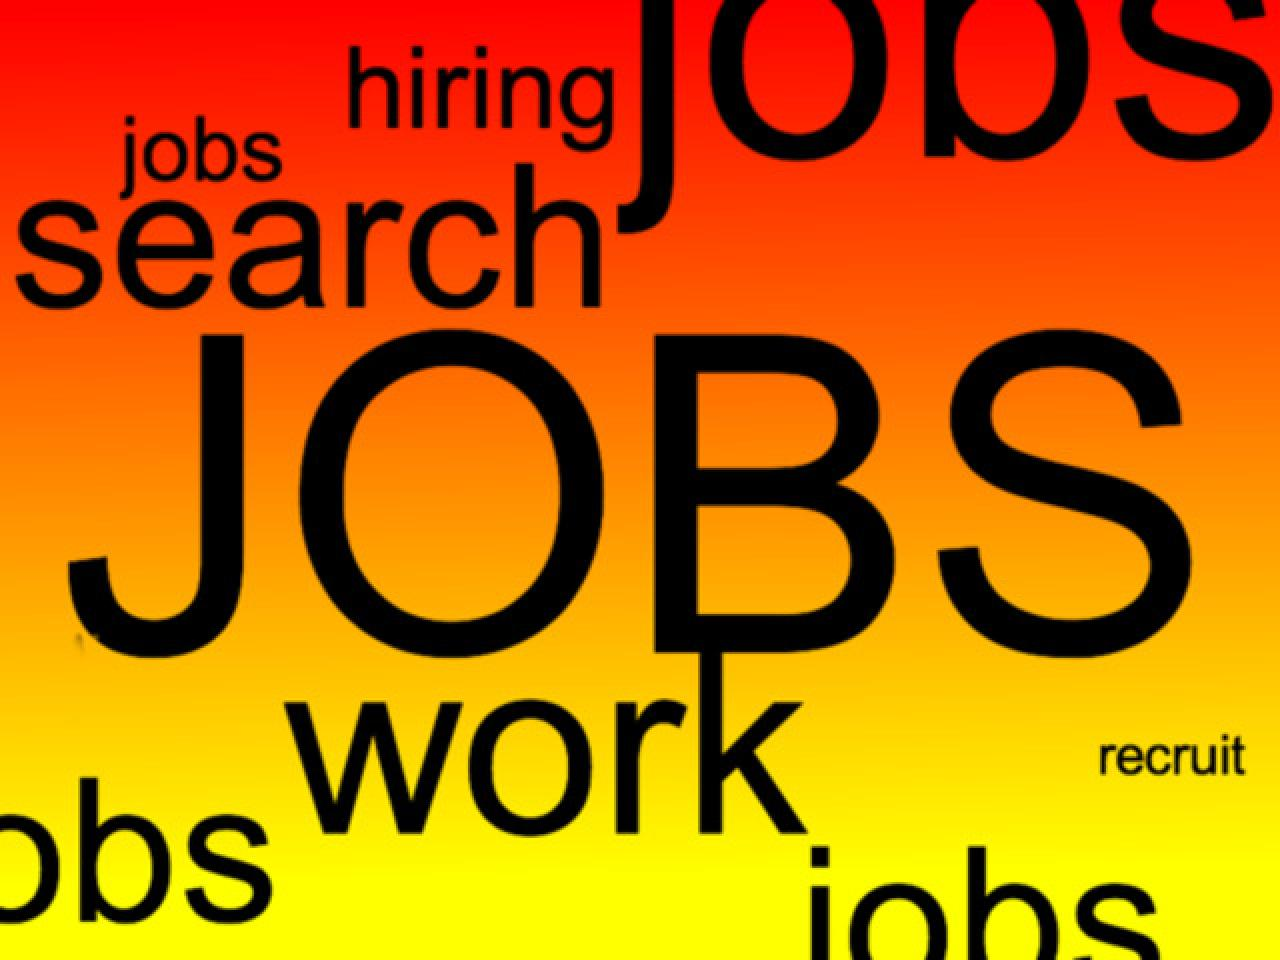 Со следующей недели требуются работники в Лондоне на свободные вакансии в разных сферах. - 1